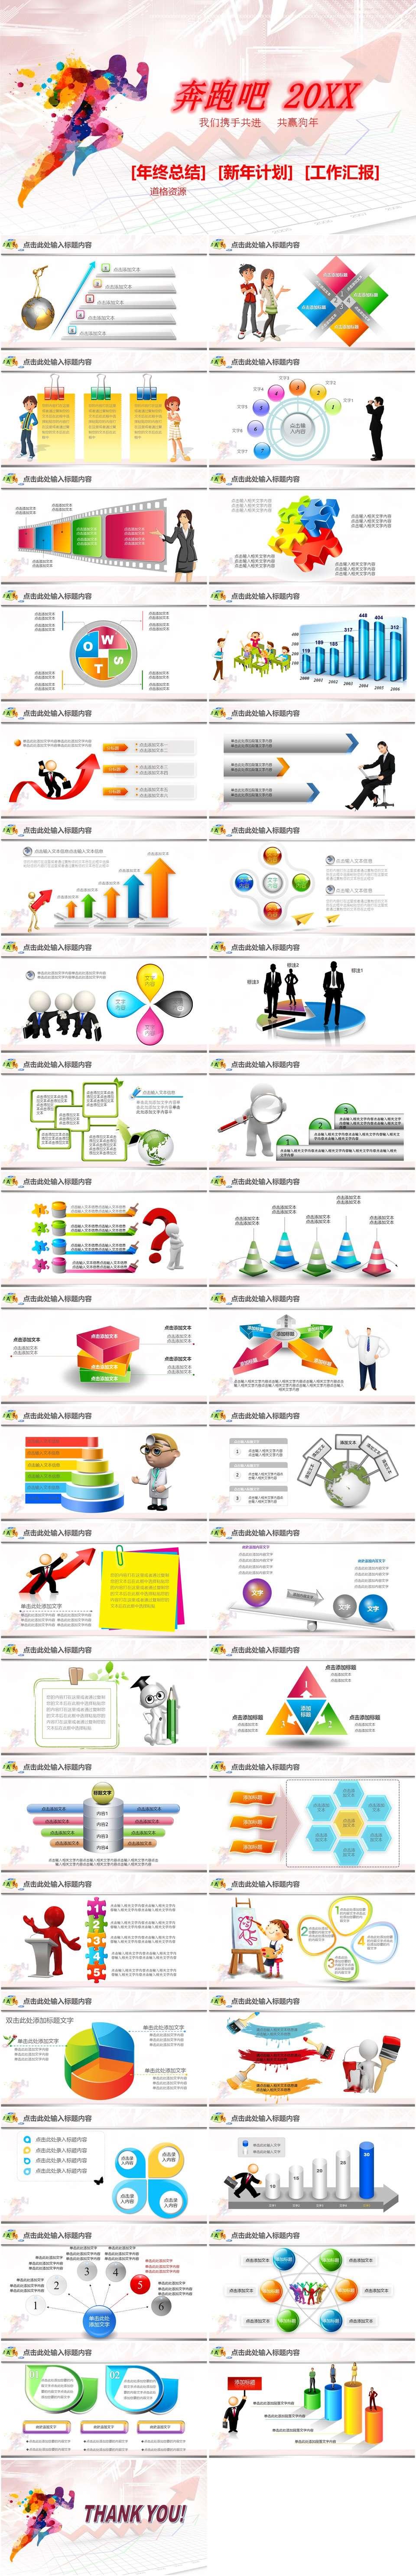 通用彩色年终总结暨新年计划PPT模板插图1